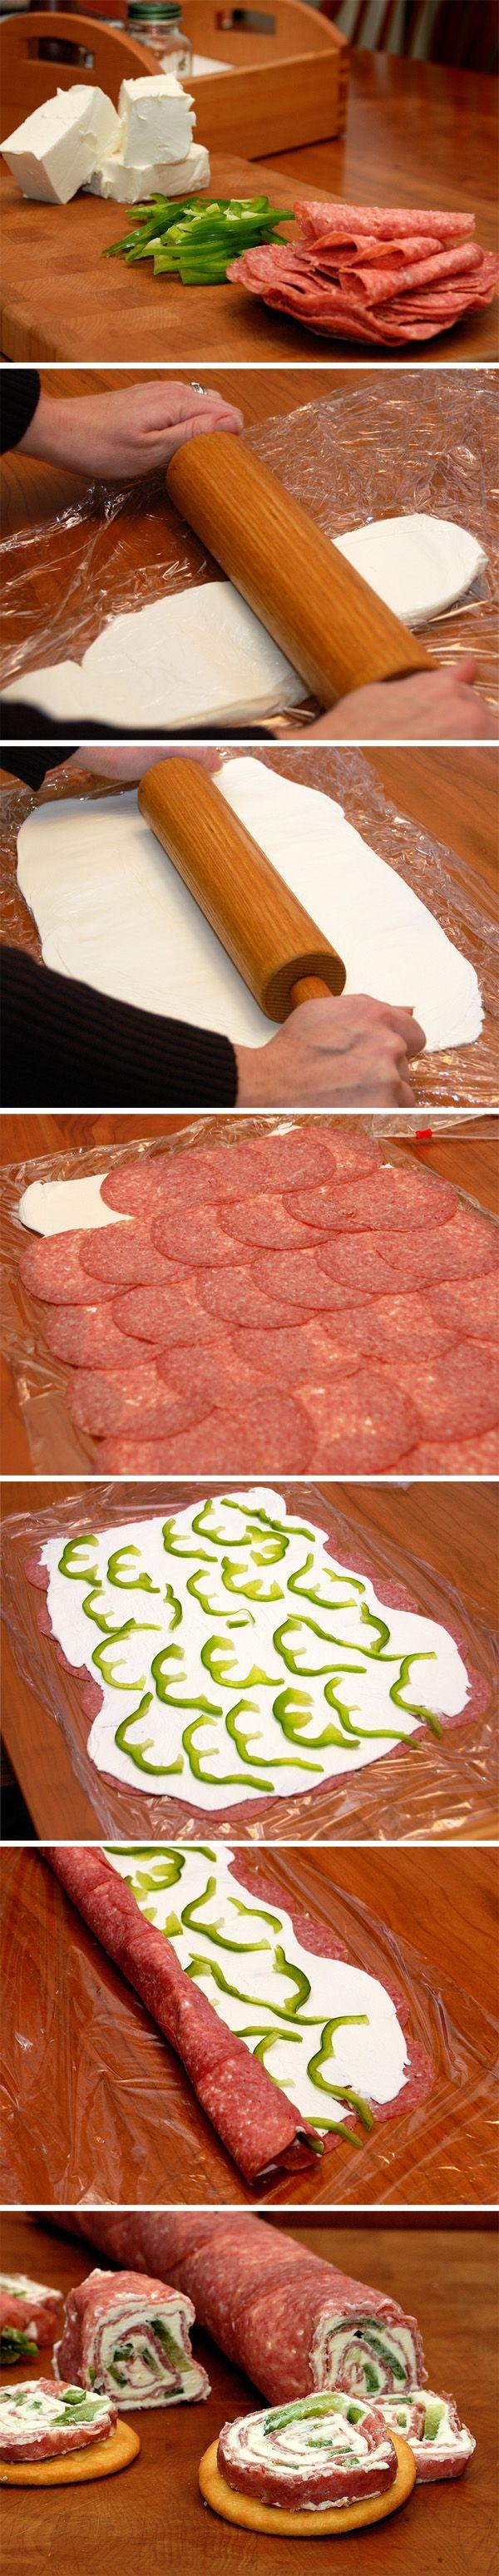 Rollitos de queso y salami